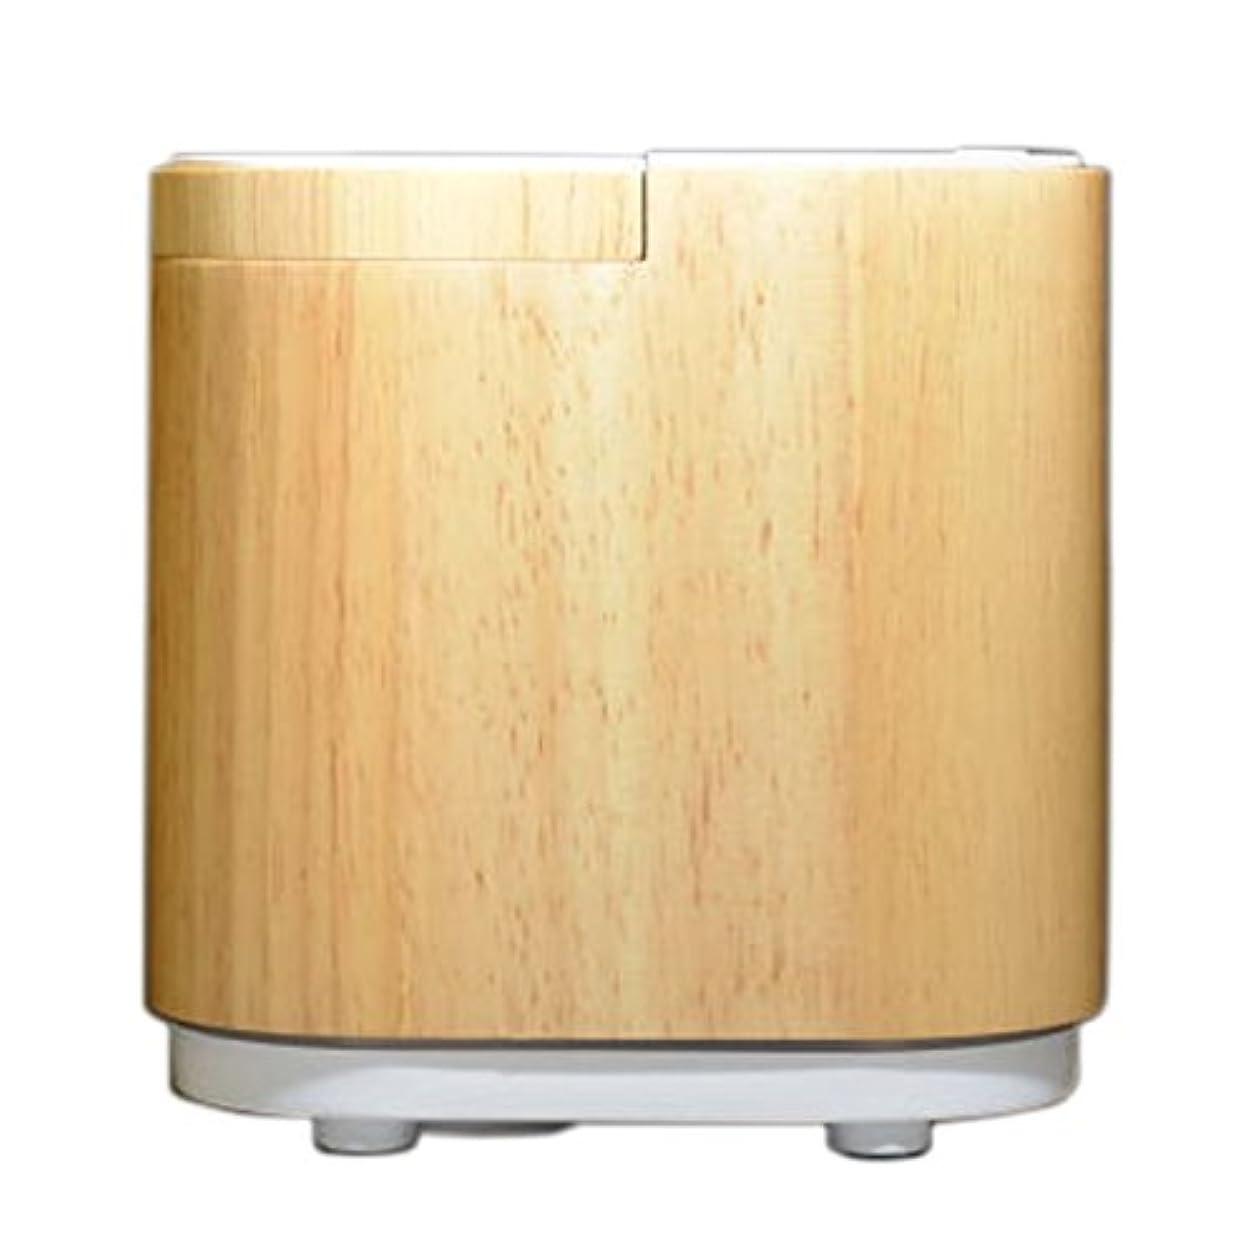 任意毎回プール生活の木 アロモアウッド [aromore] エッセンシャルオイルディフューザー アロマディフューザー